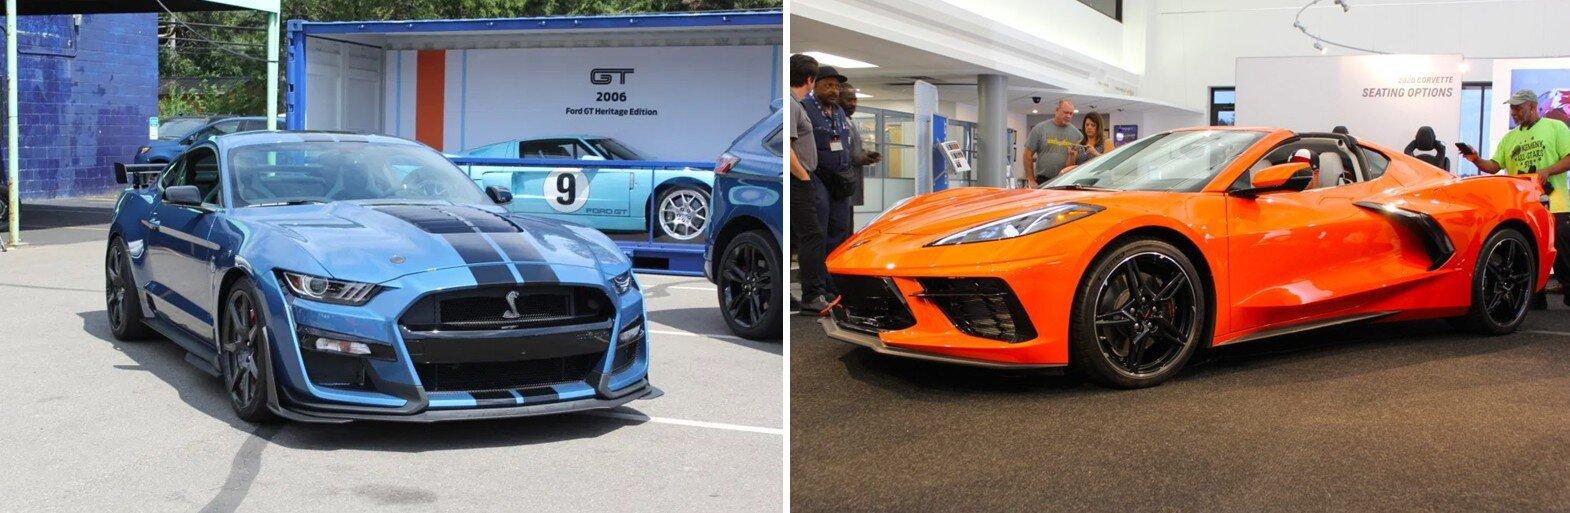 2020-ford-mustang-shelby-gt500-vs-2020-chevrolet-corvette-stingray-muscle-cars-and-trucks.jpg